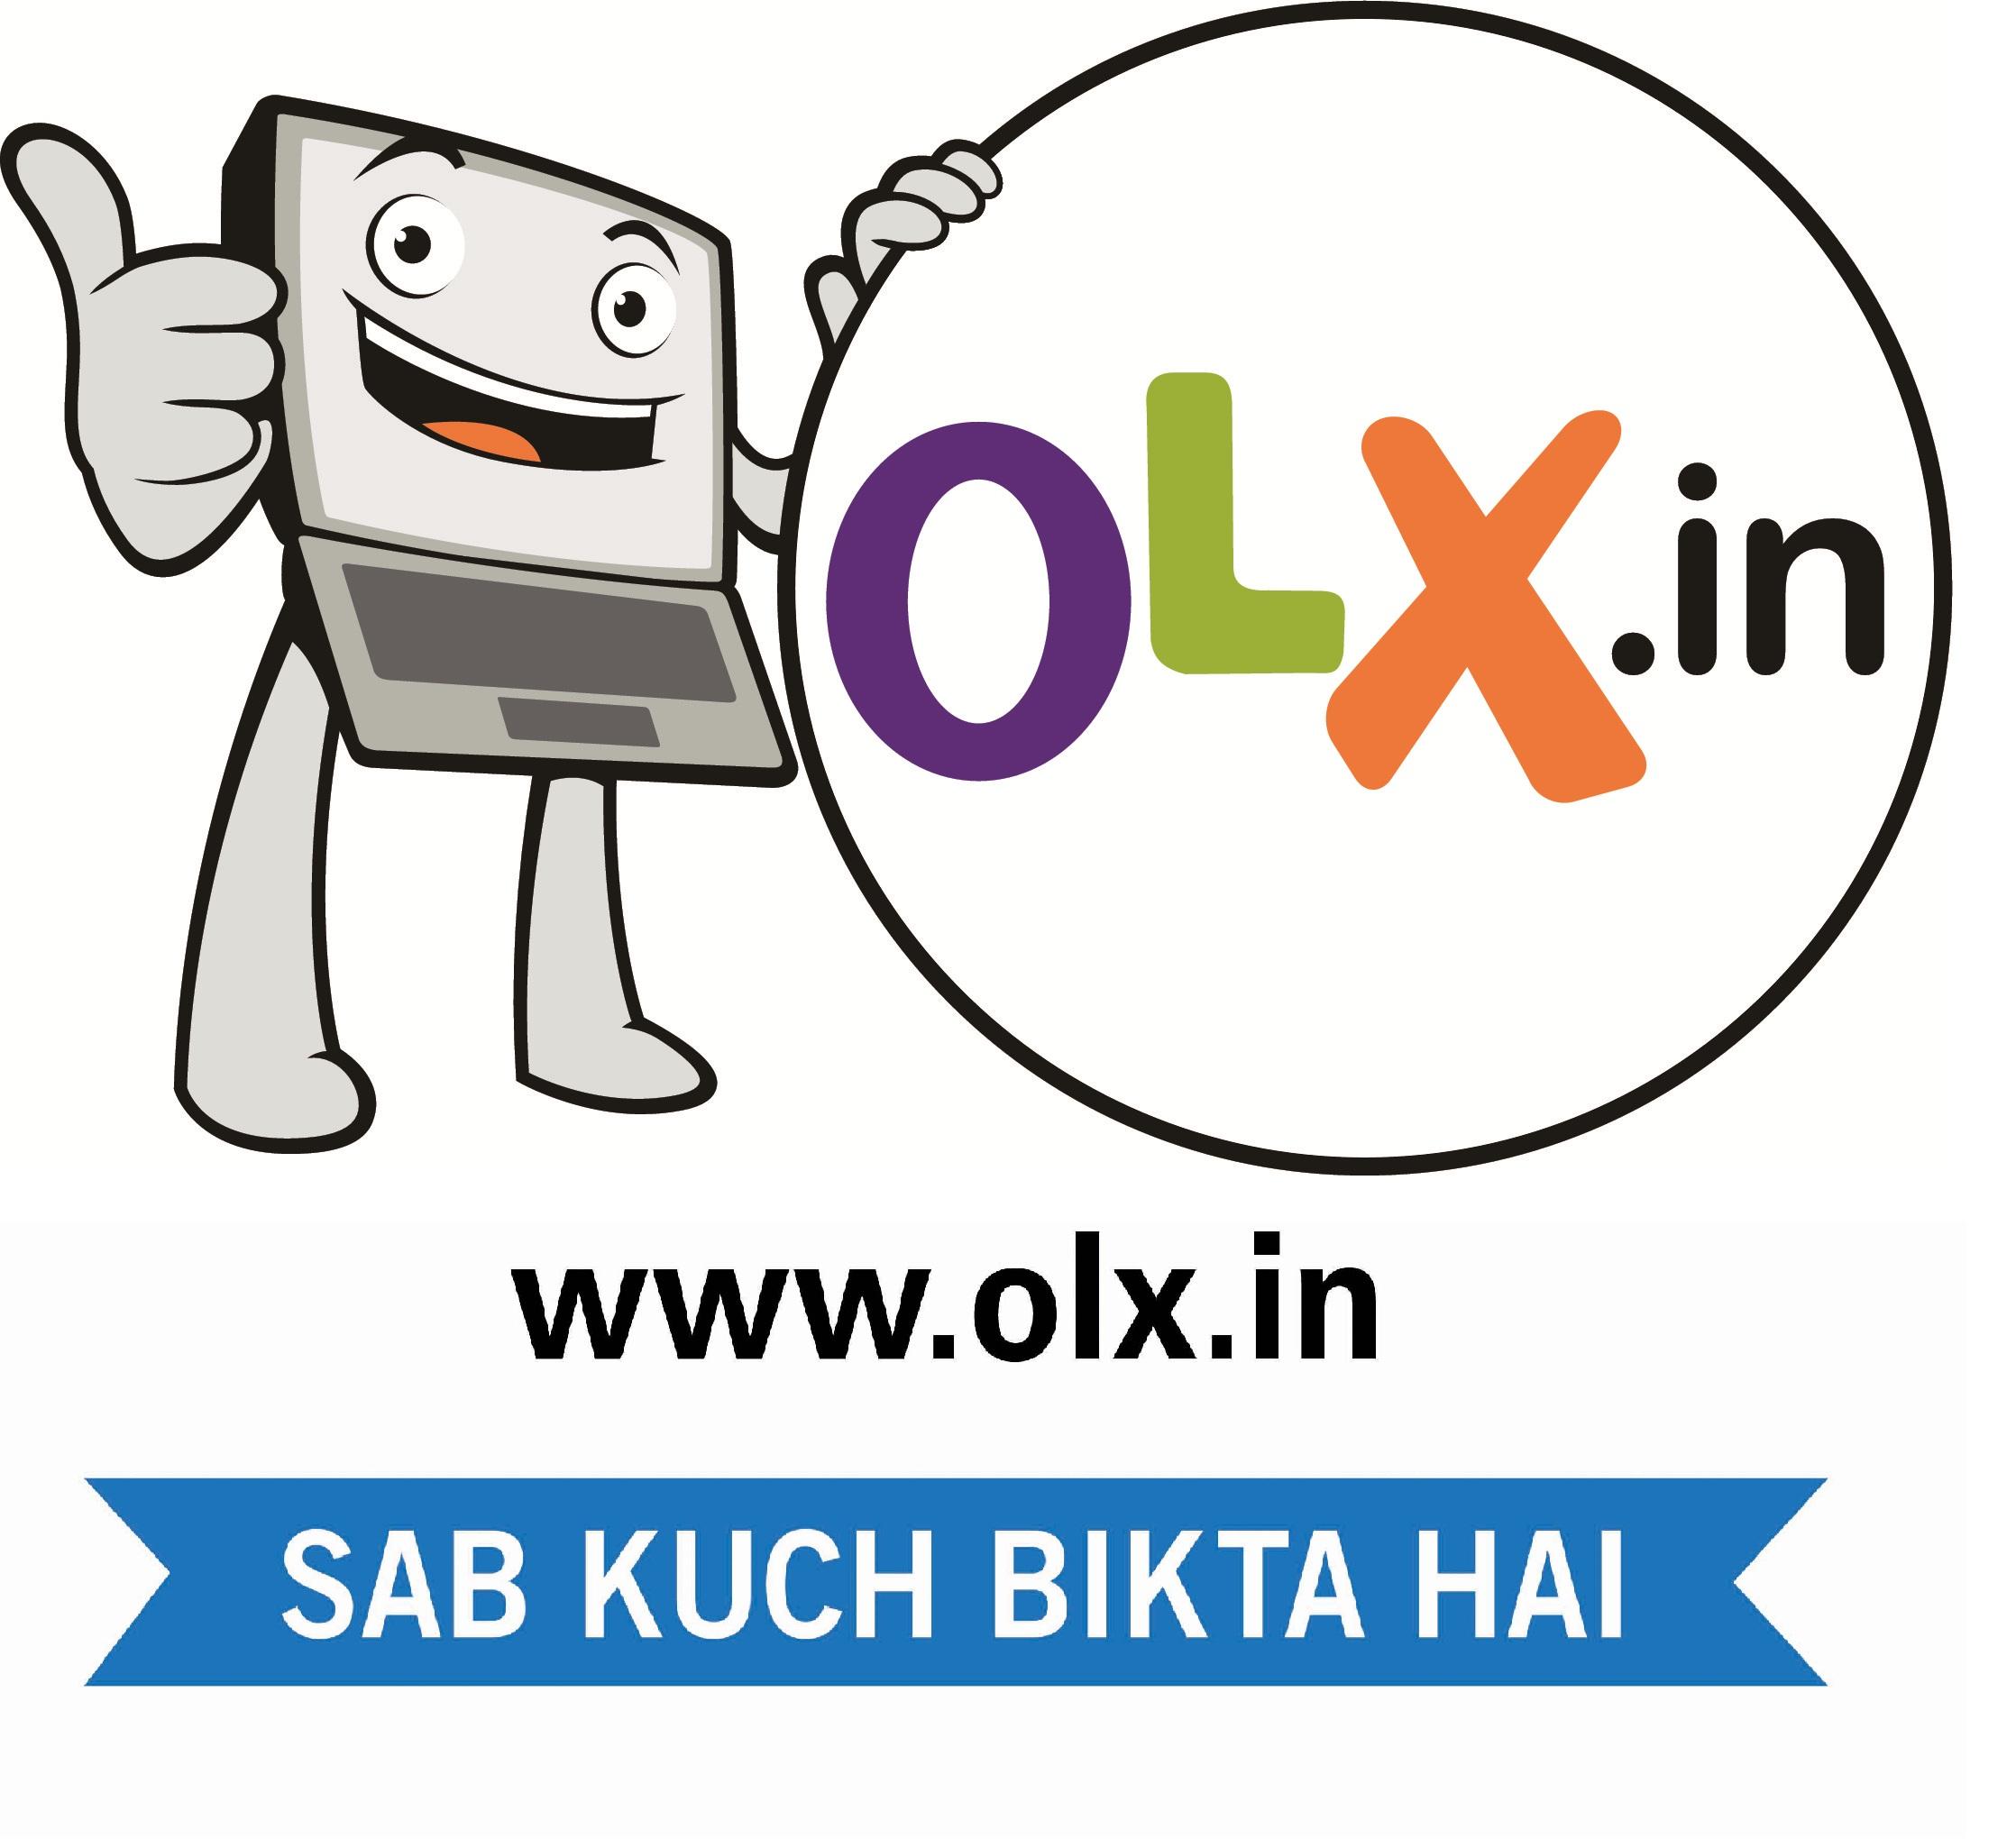 OLX in – Yaha Sab Kuchh Bikta Hai   SpeakBindas - Articles